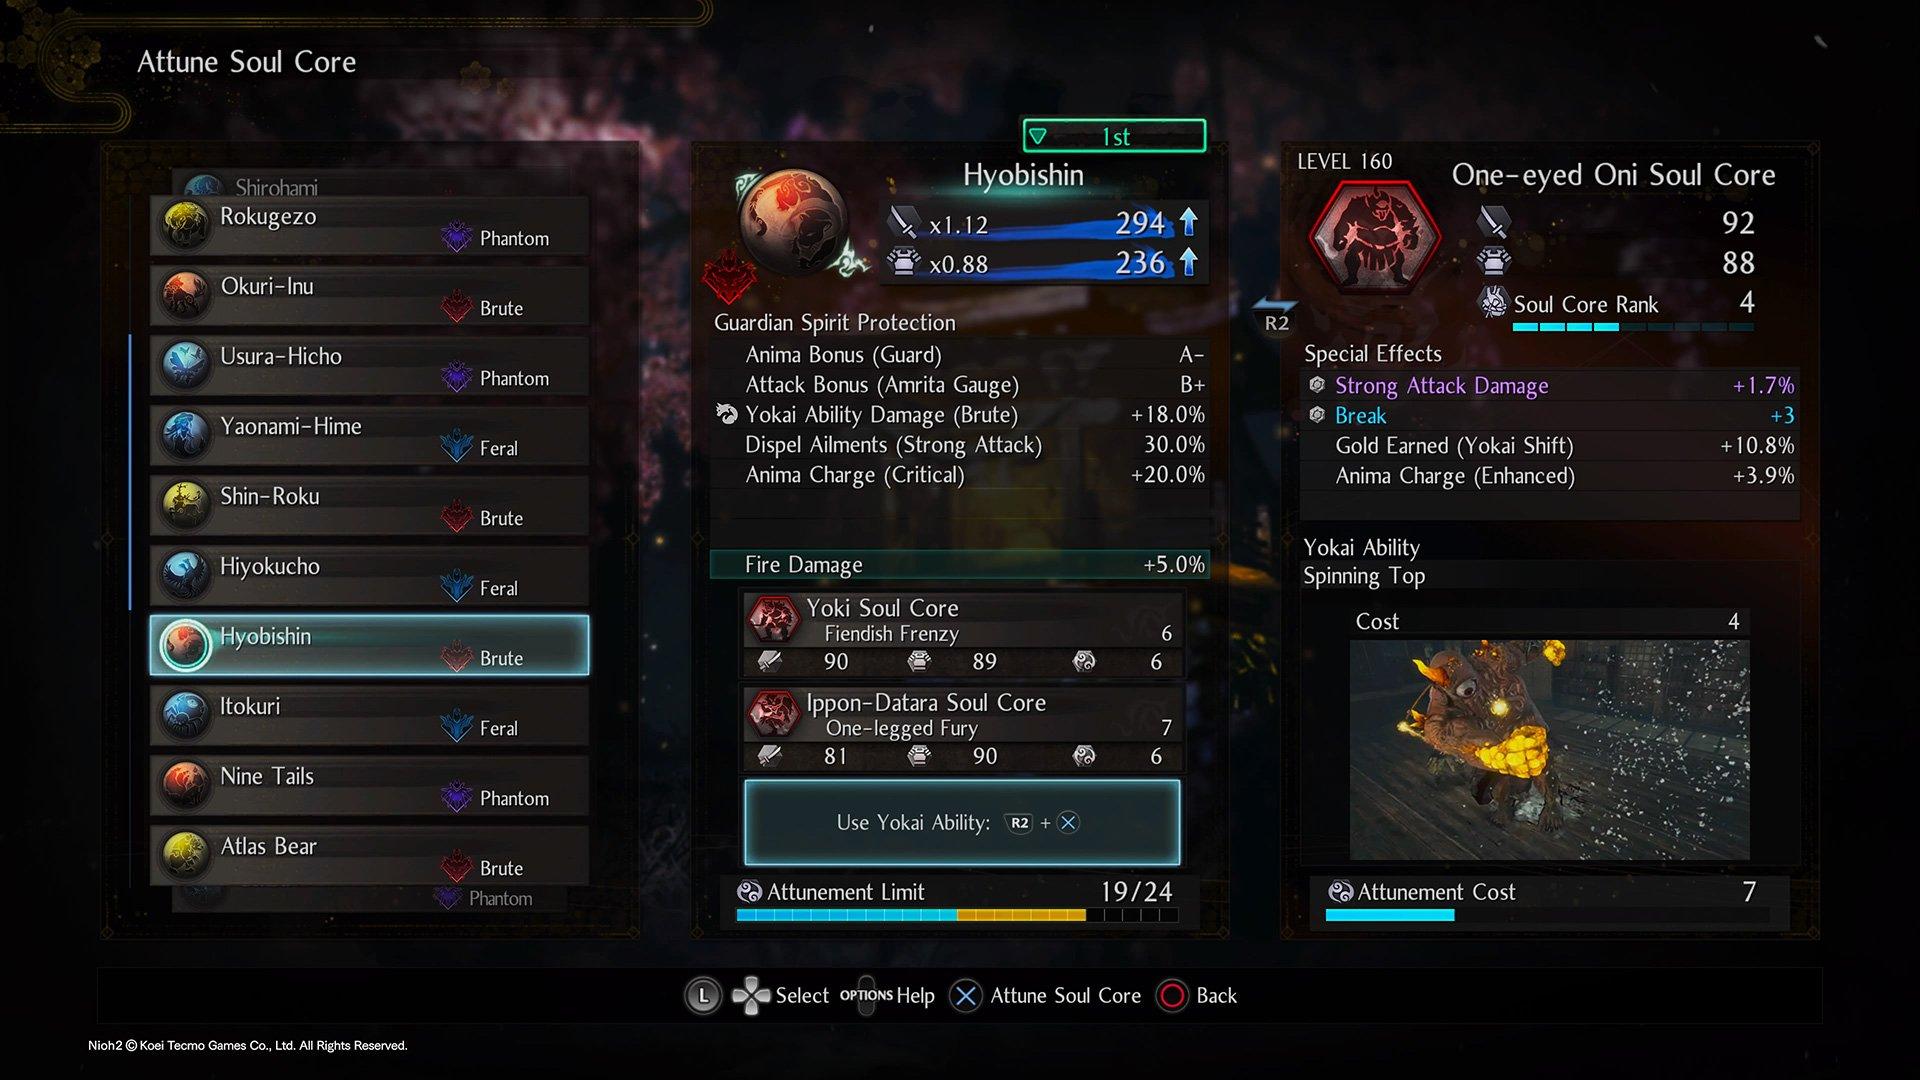 Nioh 2 Guardian Spirit Hyobishin